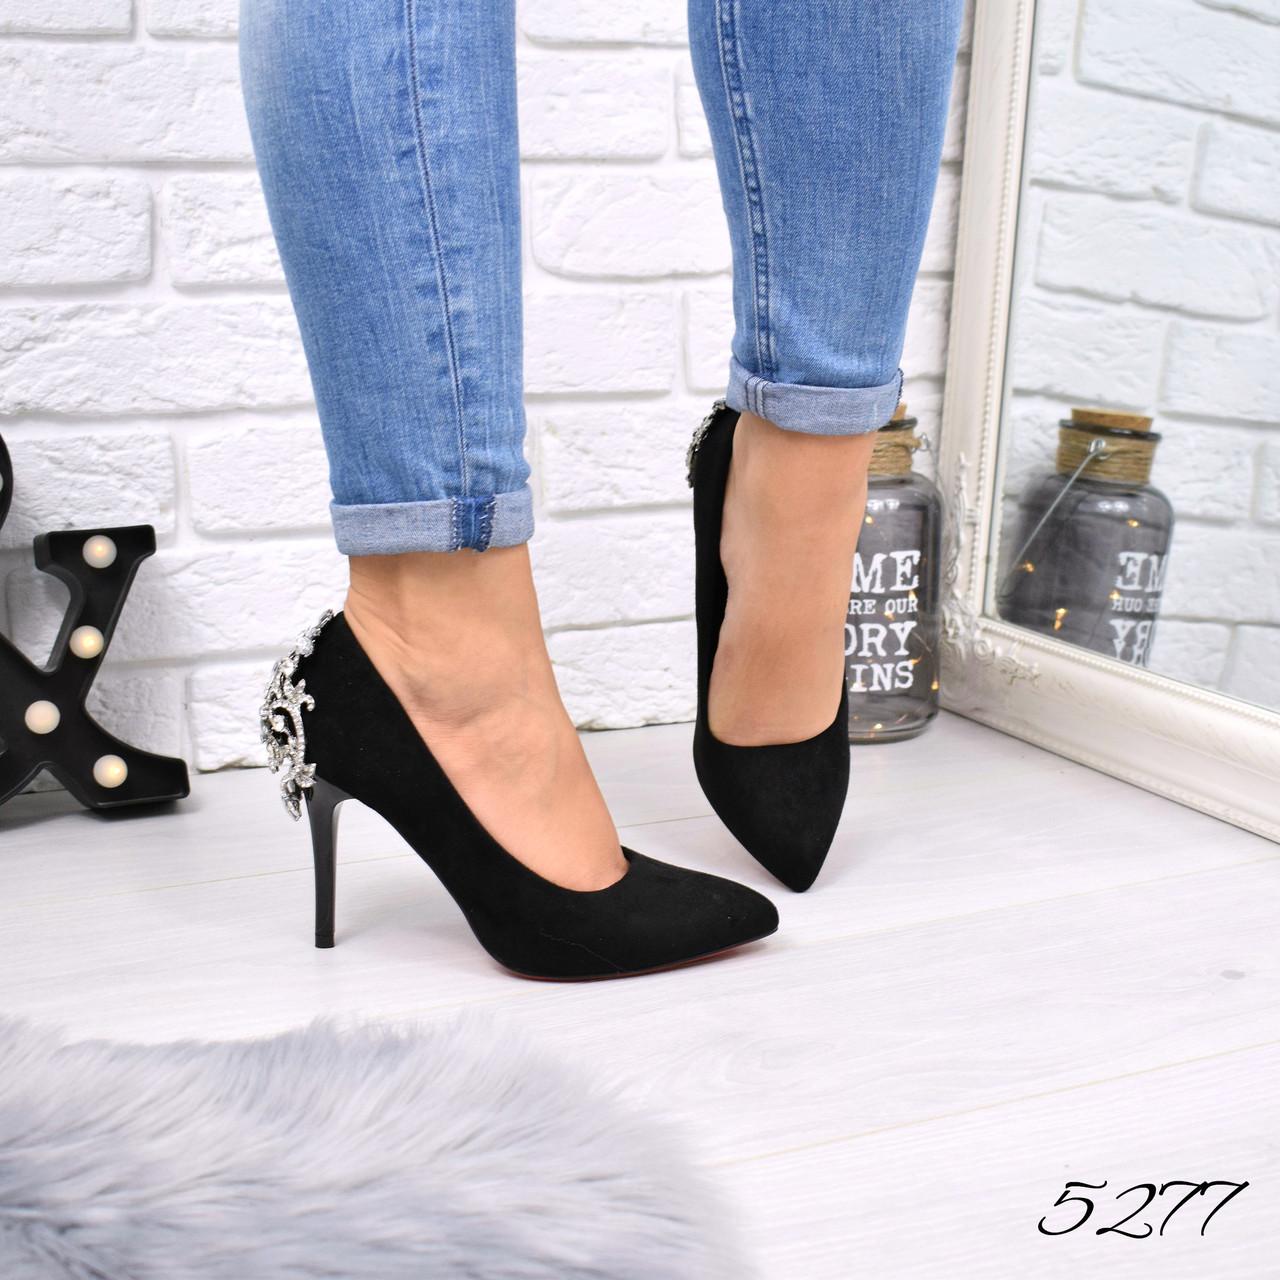 6bc53b0bfe11 Туфли женские на шпильке под Casadei 5277 , женская обувь: продажа ...